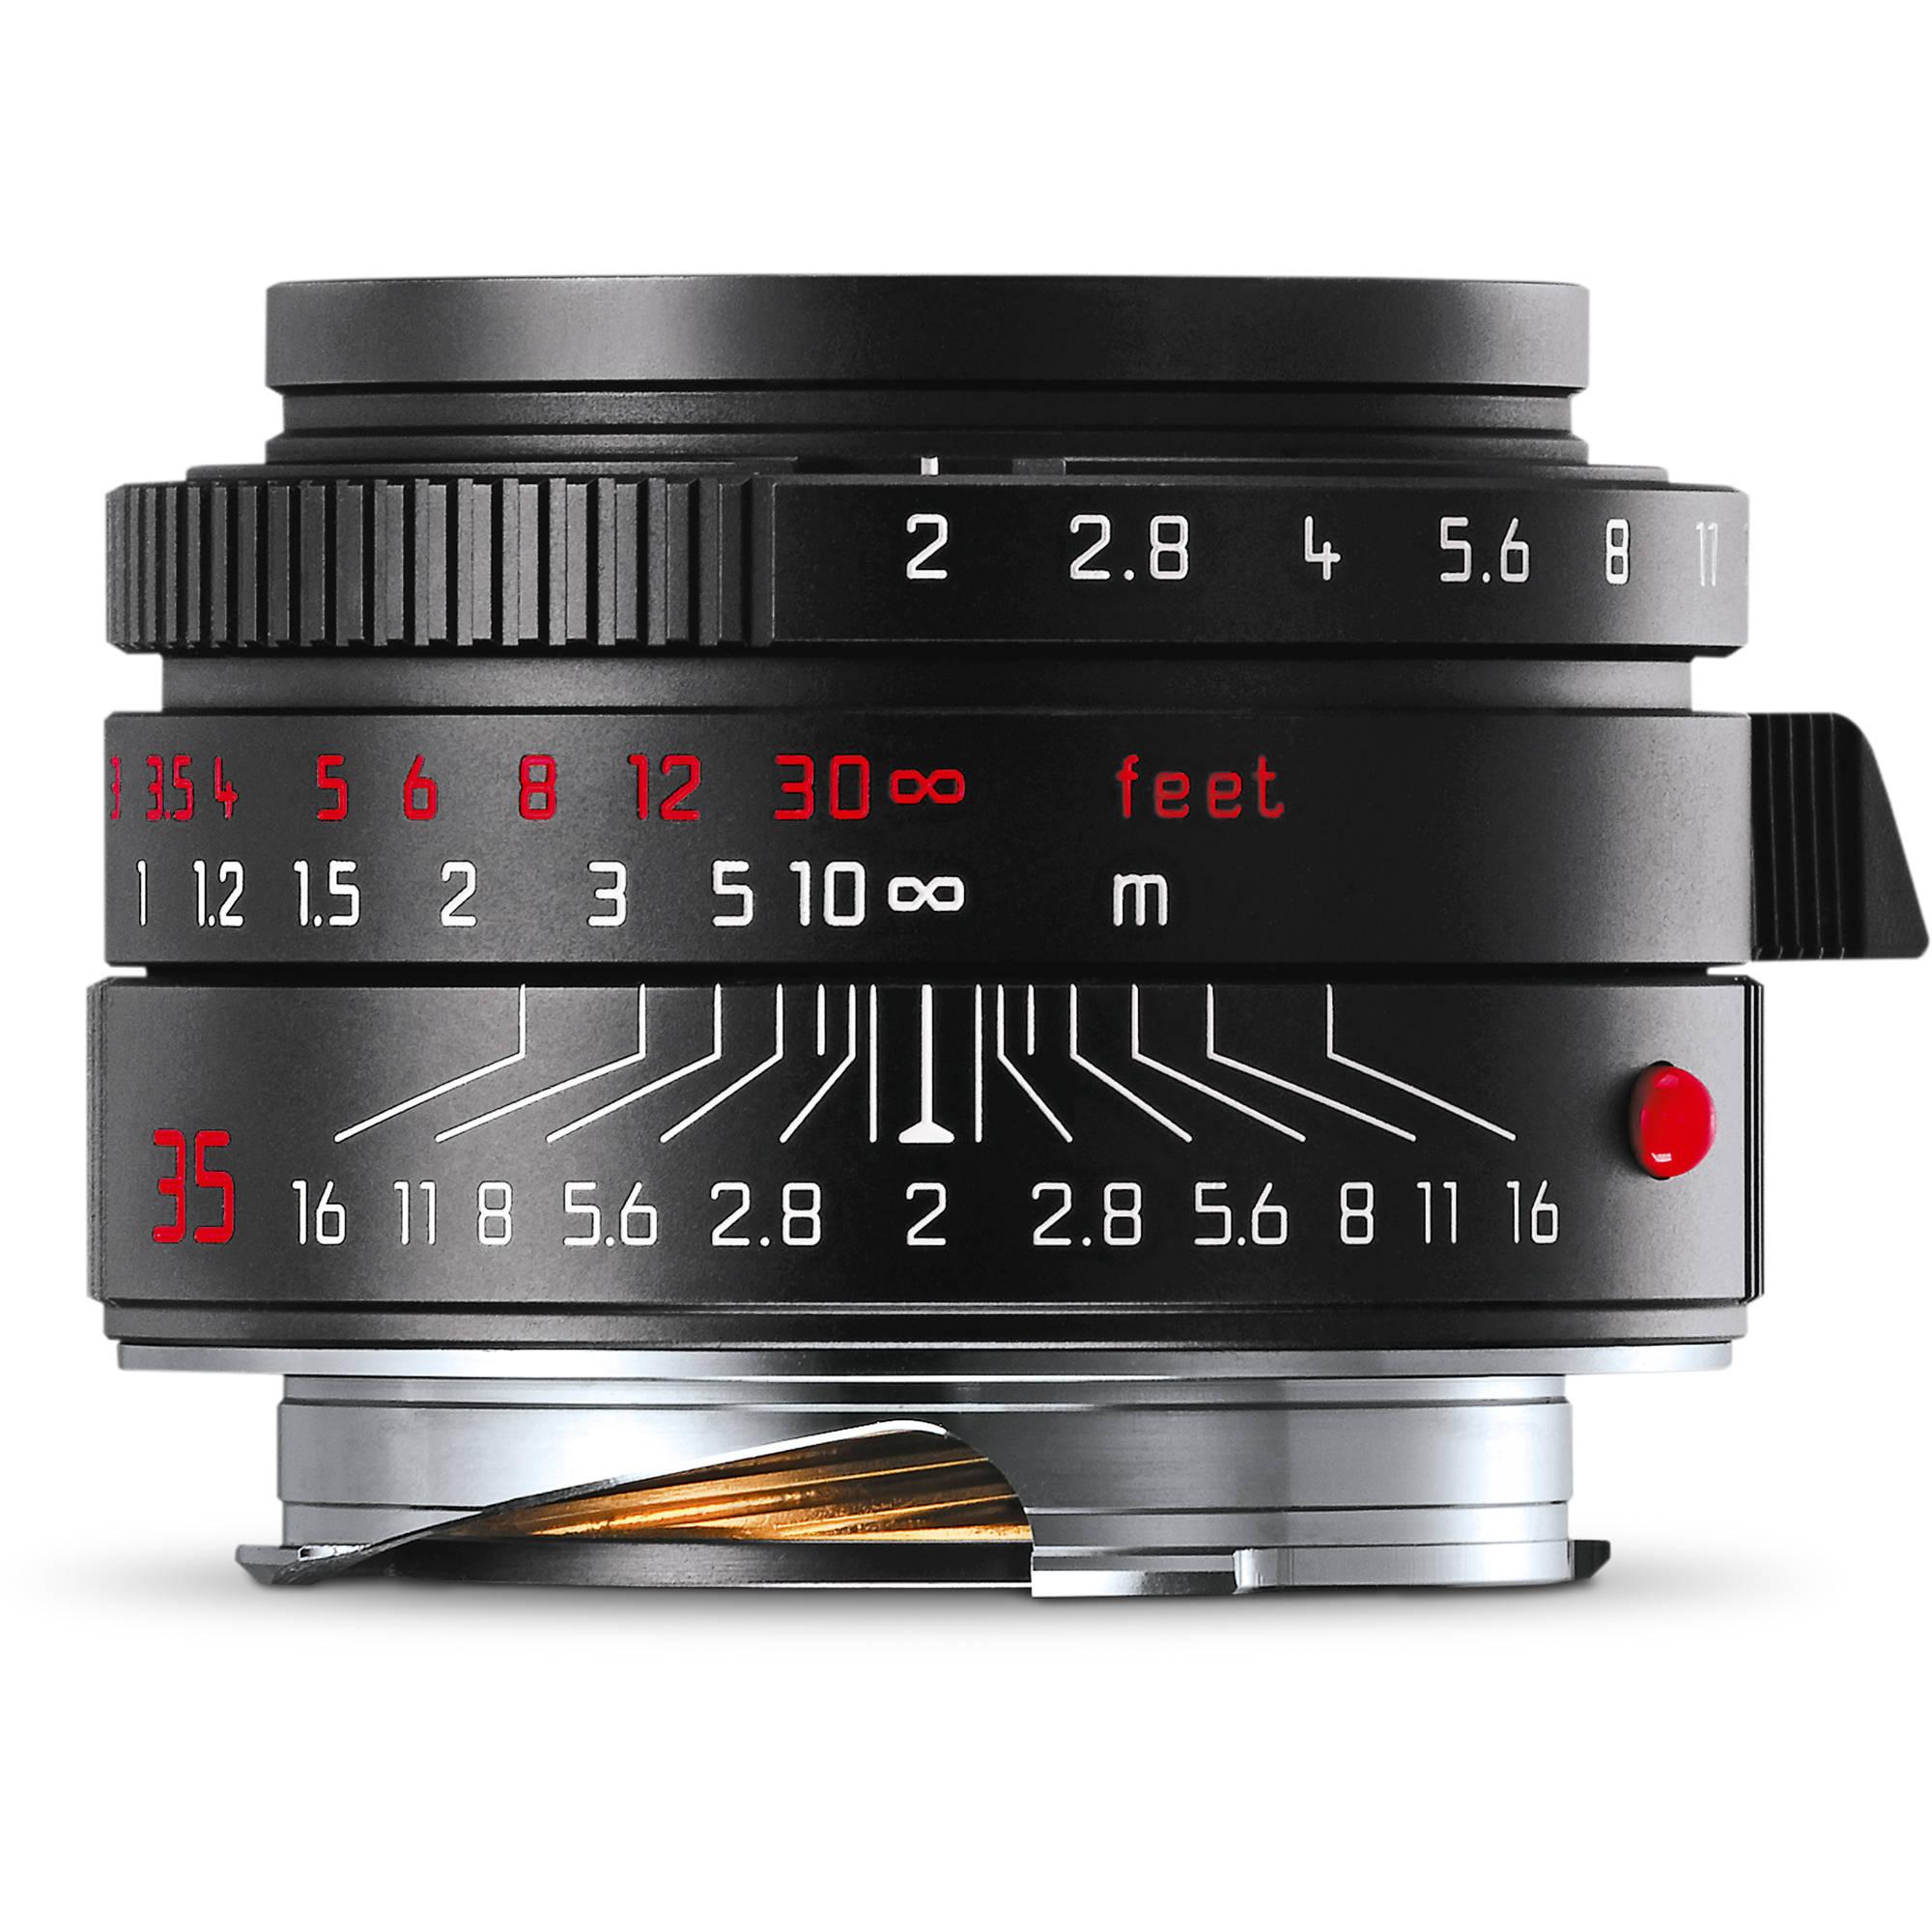 Leica Summicron-M 35mm f/2 ASPH. Lens (Black-Chrome Edition